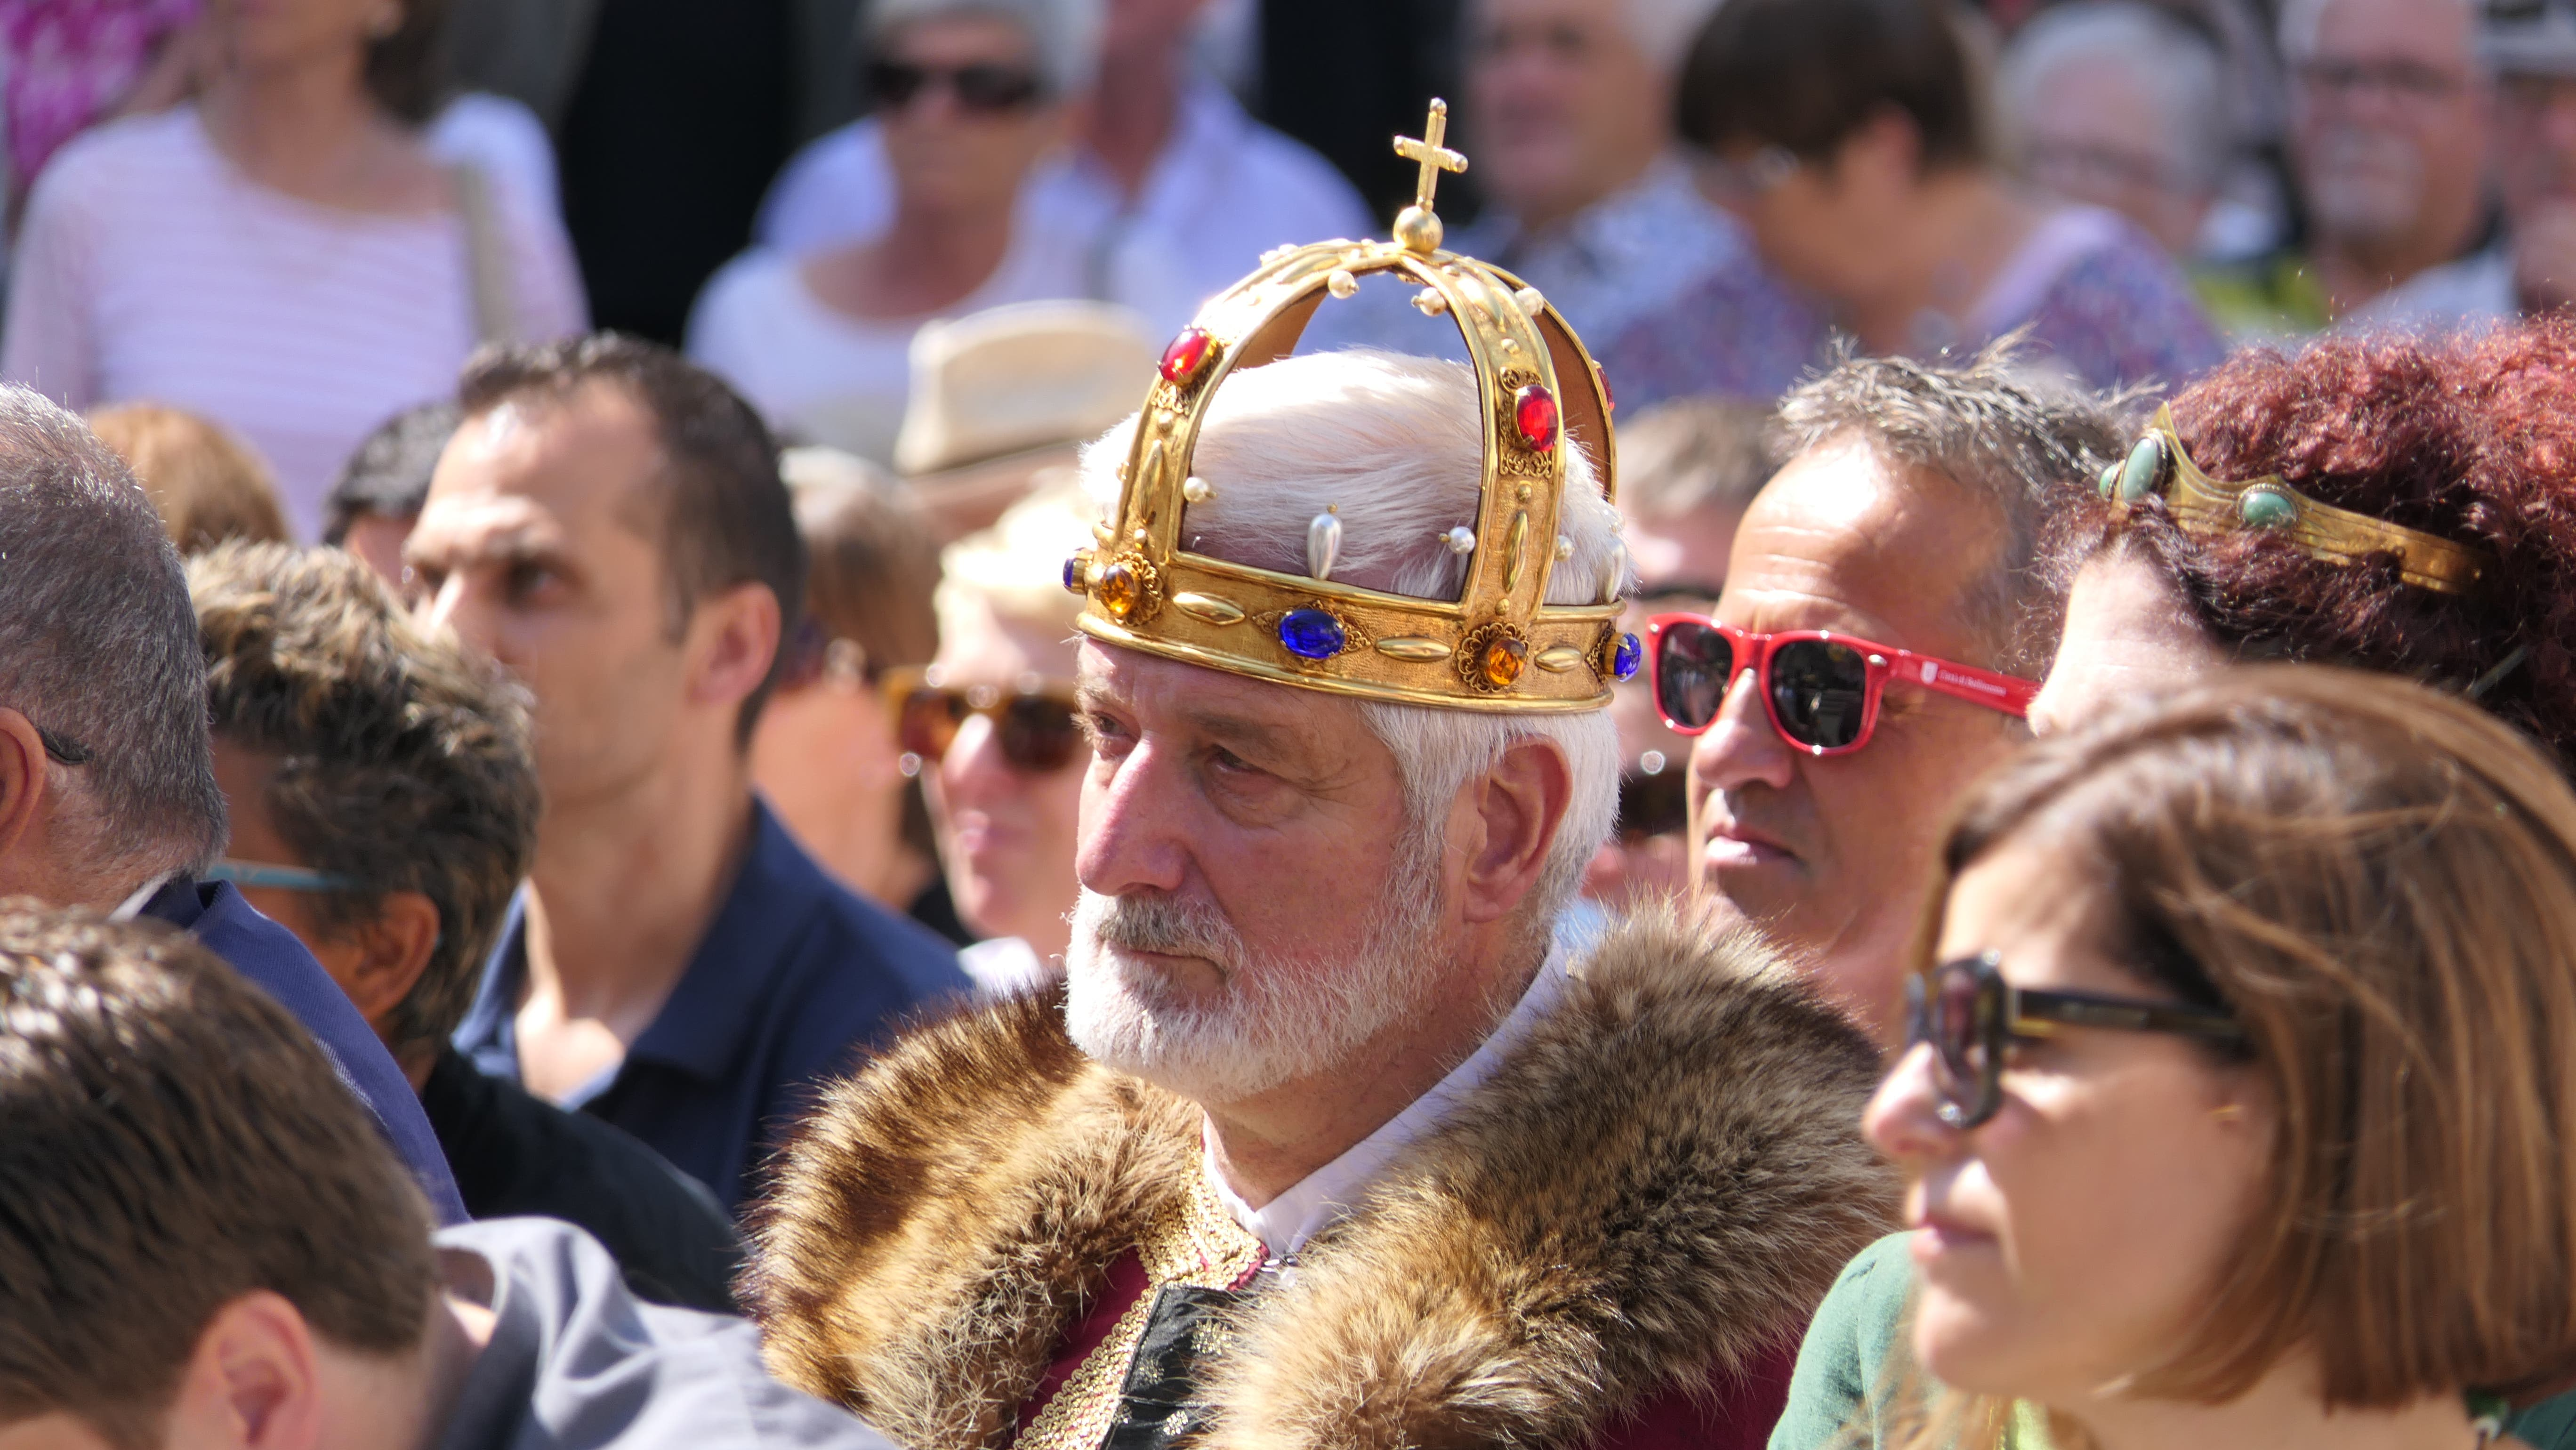 Sogar royale Gäste waren auszumachen. (Bild: Carmen Epp, Altdorf, 1. August 2019)